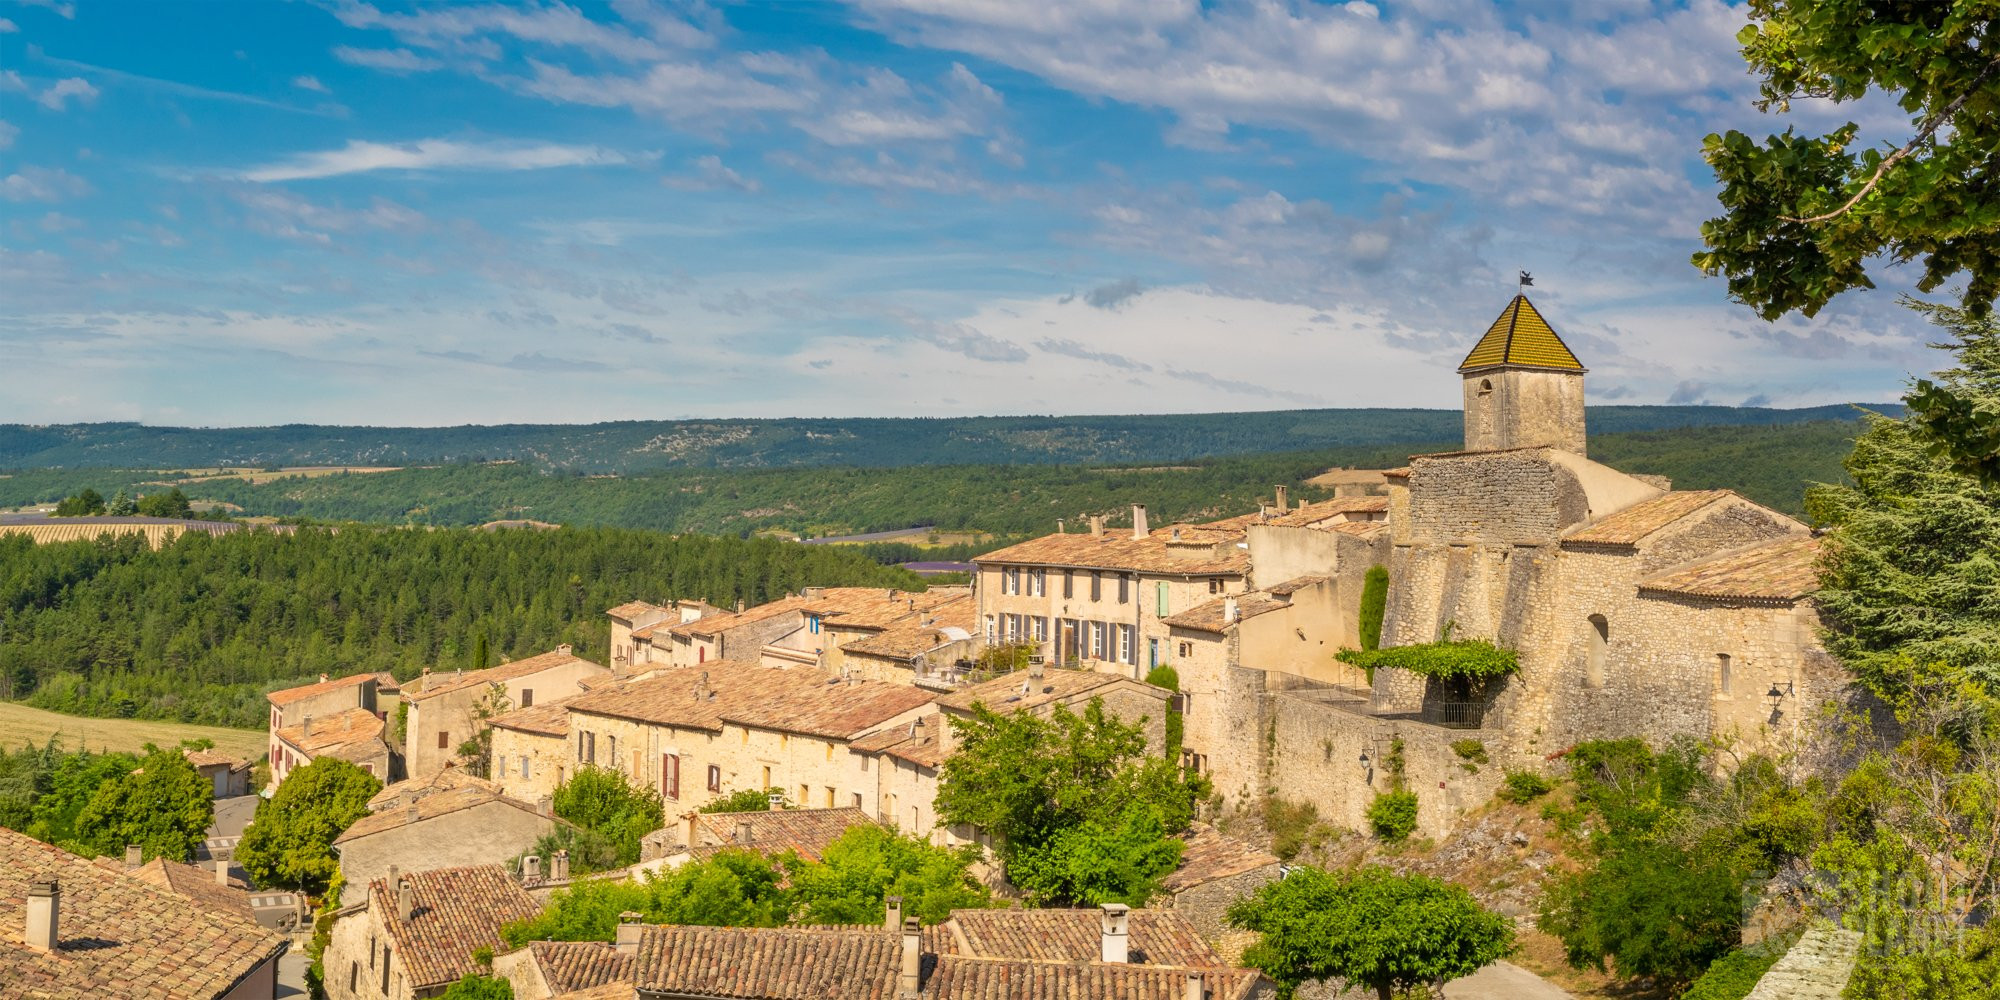 Aurel Provencal ancient village, Drome France